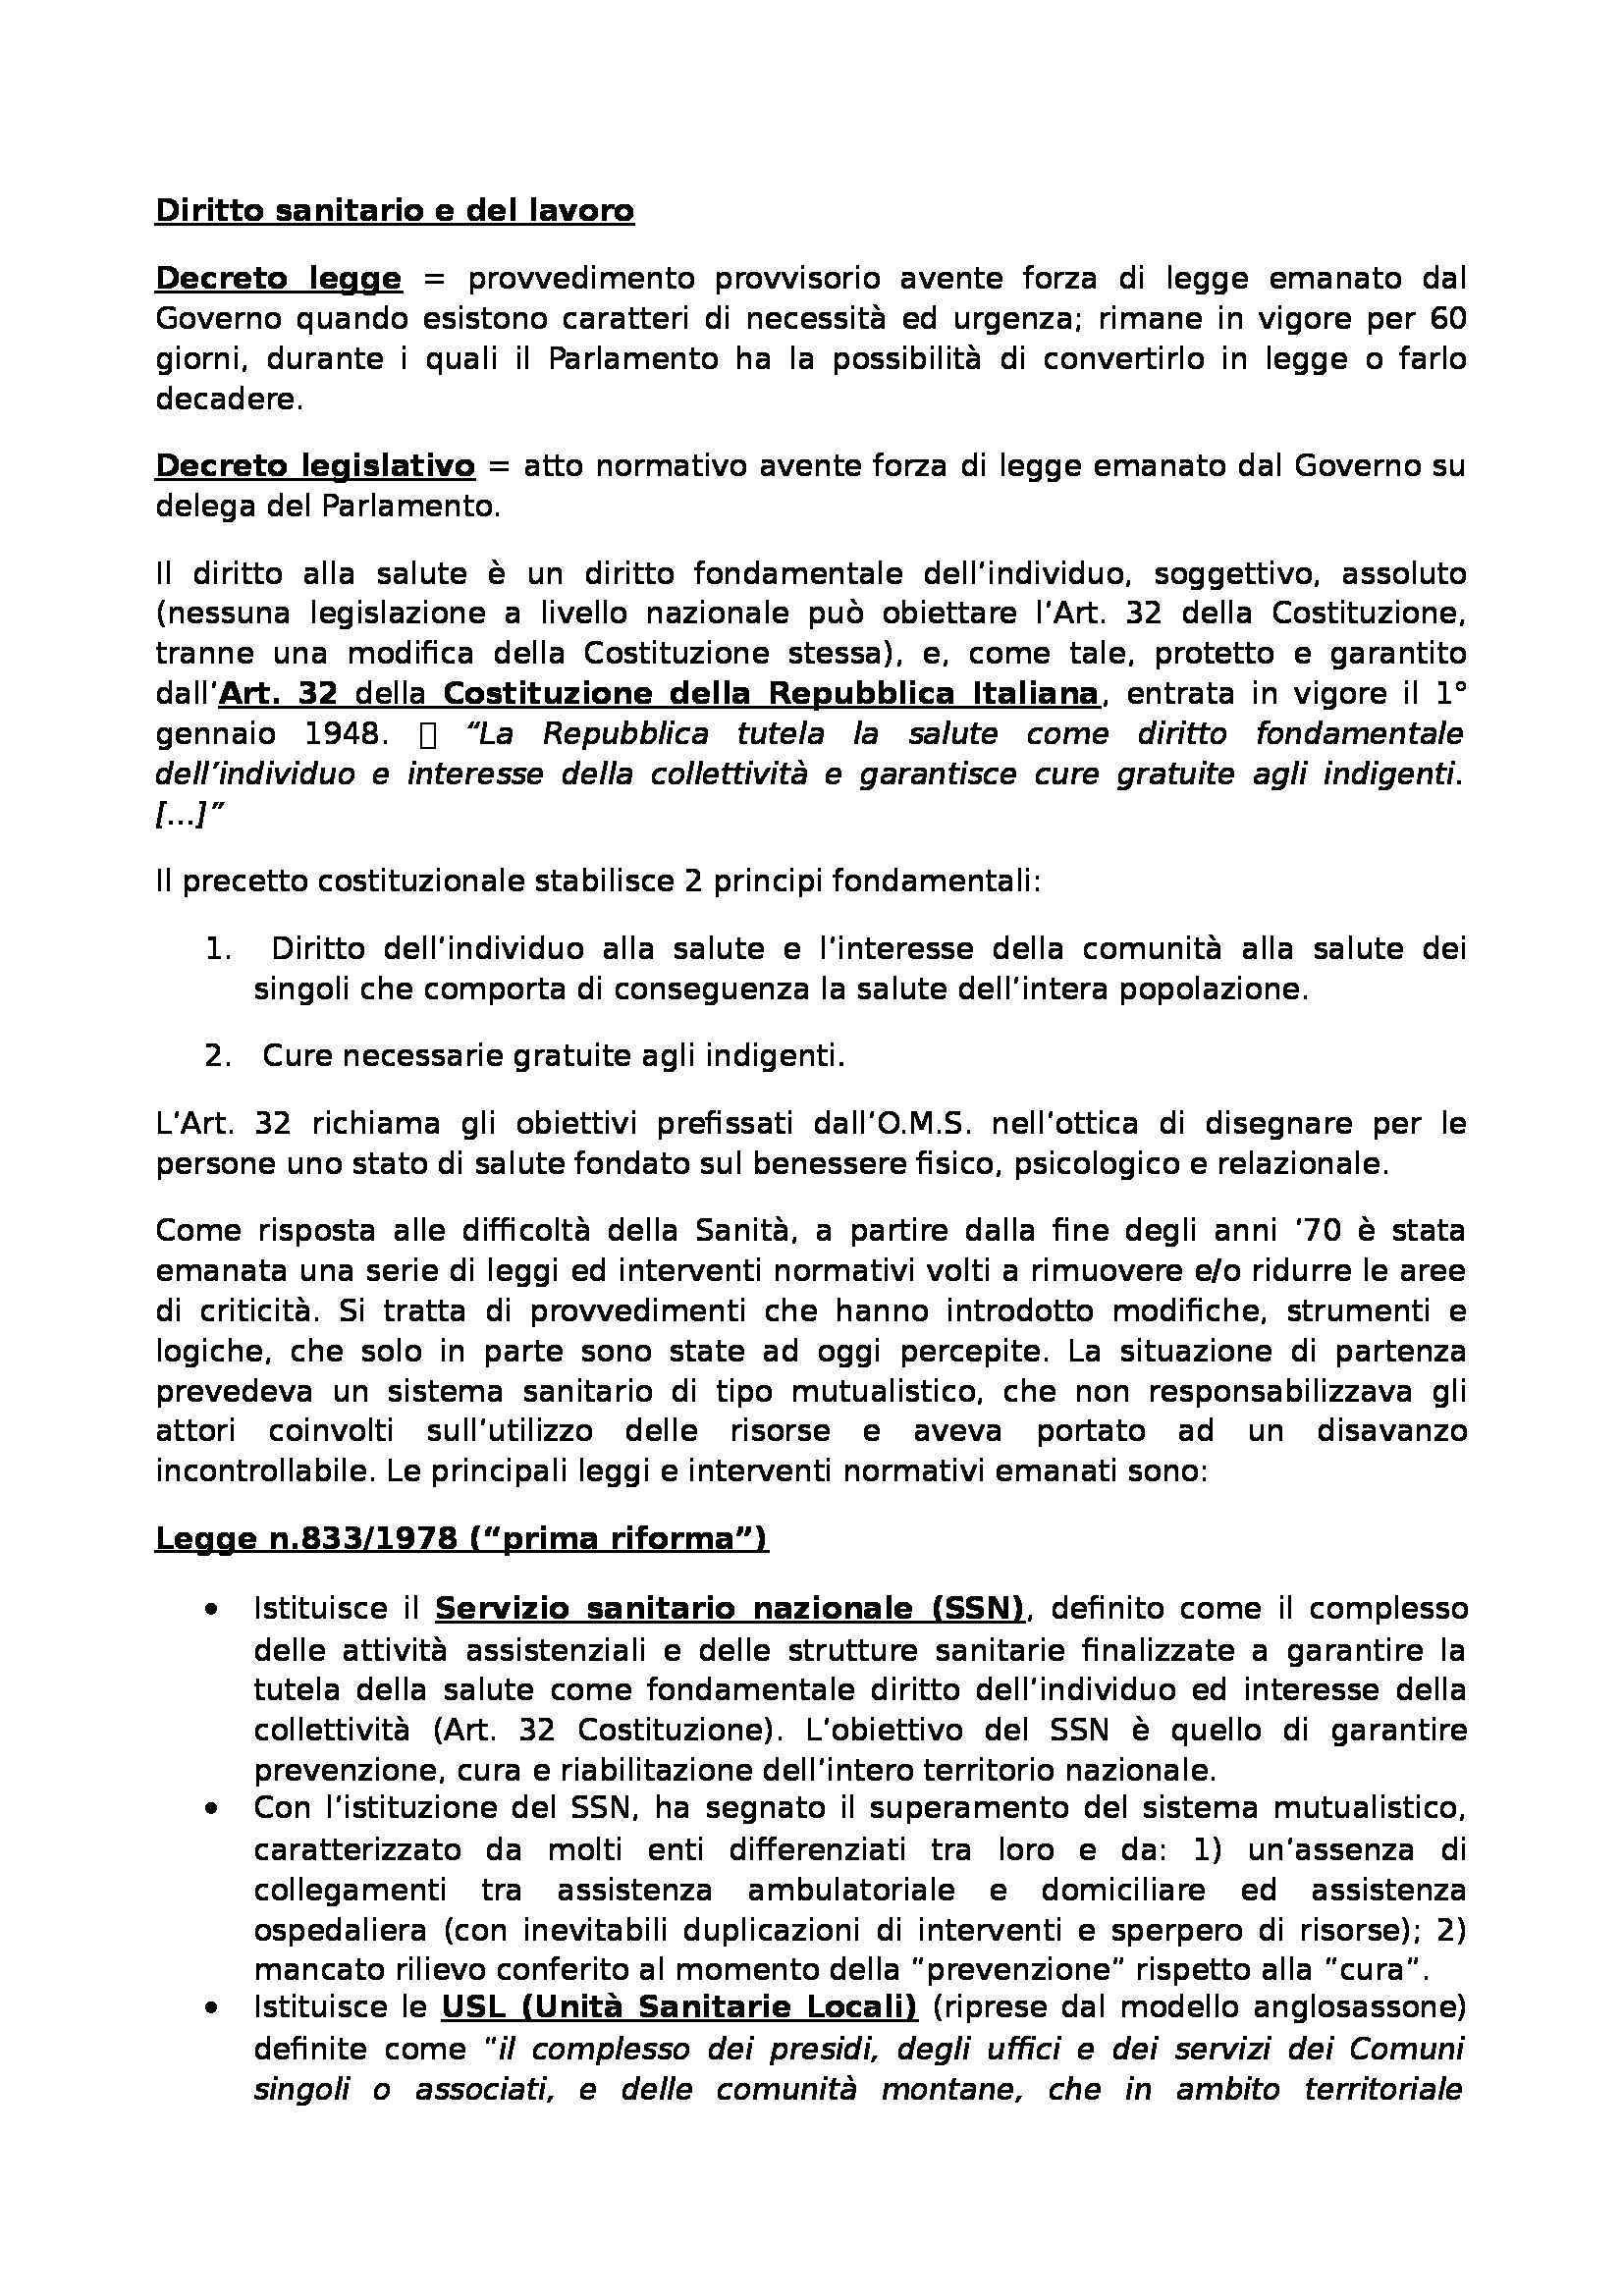 Diritto sanitario e del lavoro - Appunti